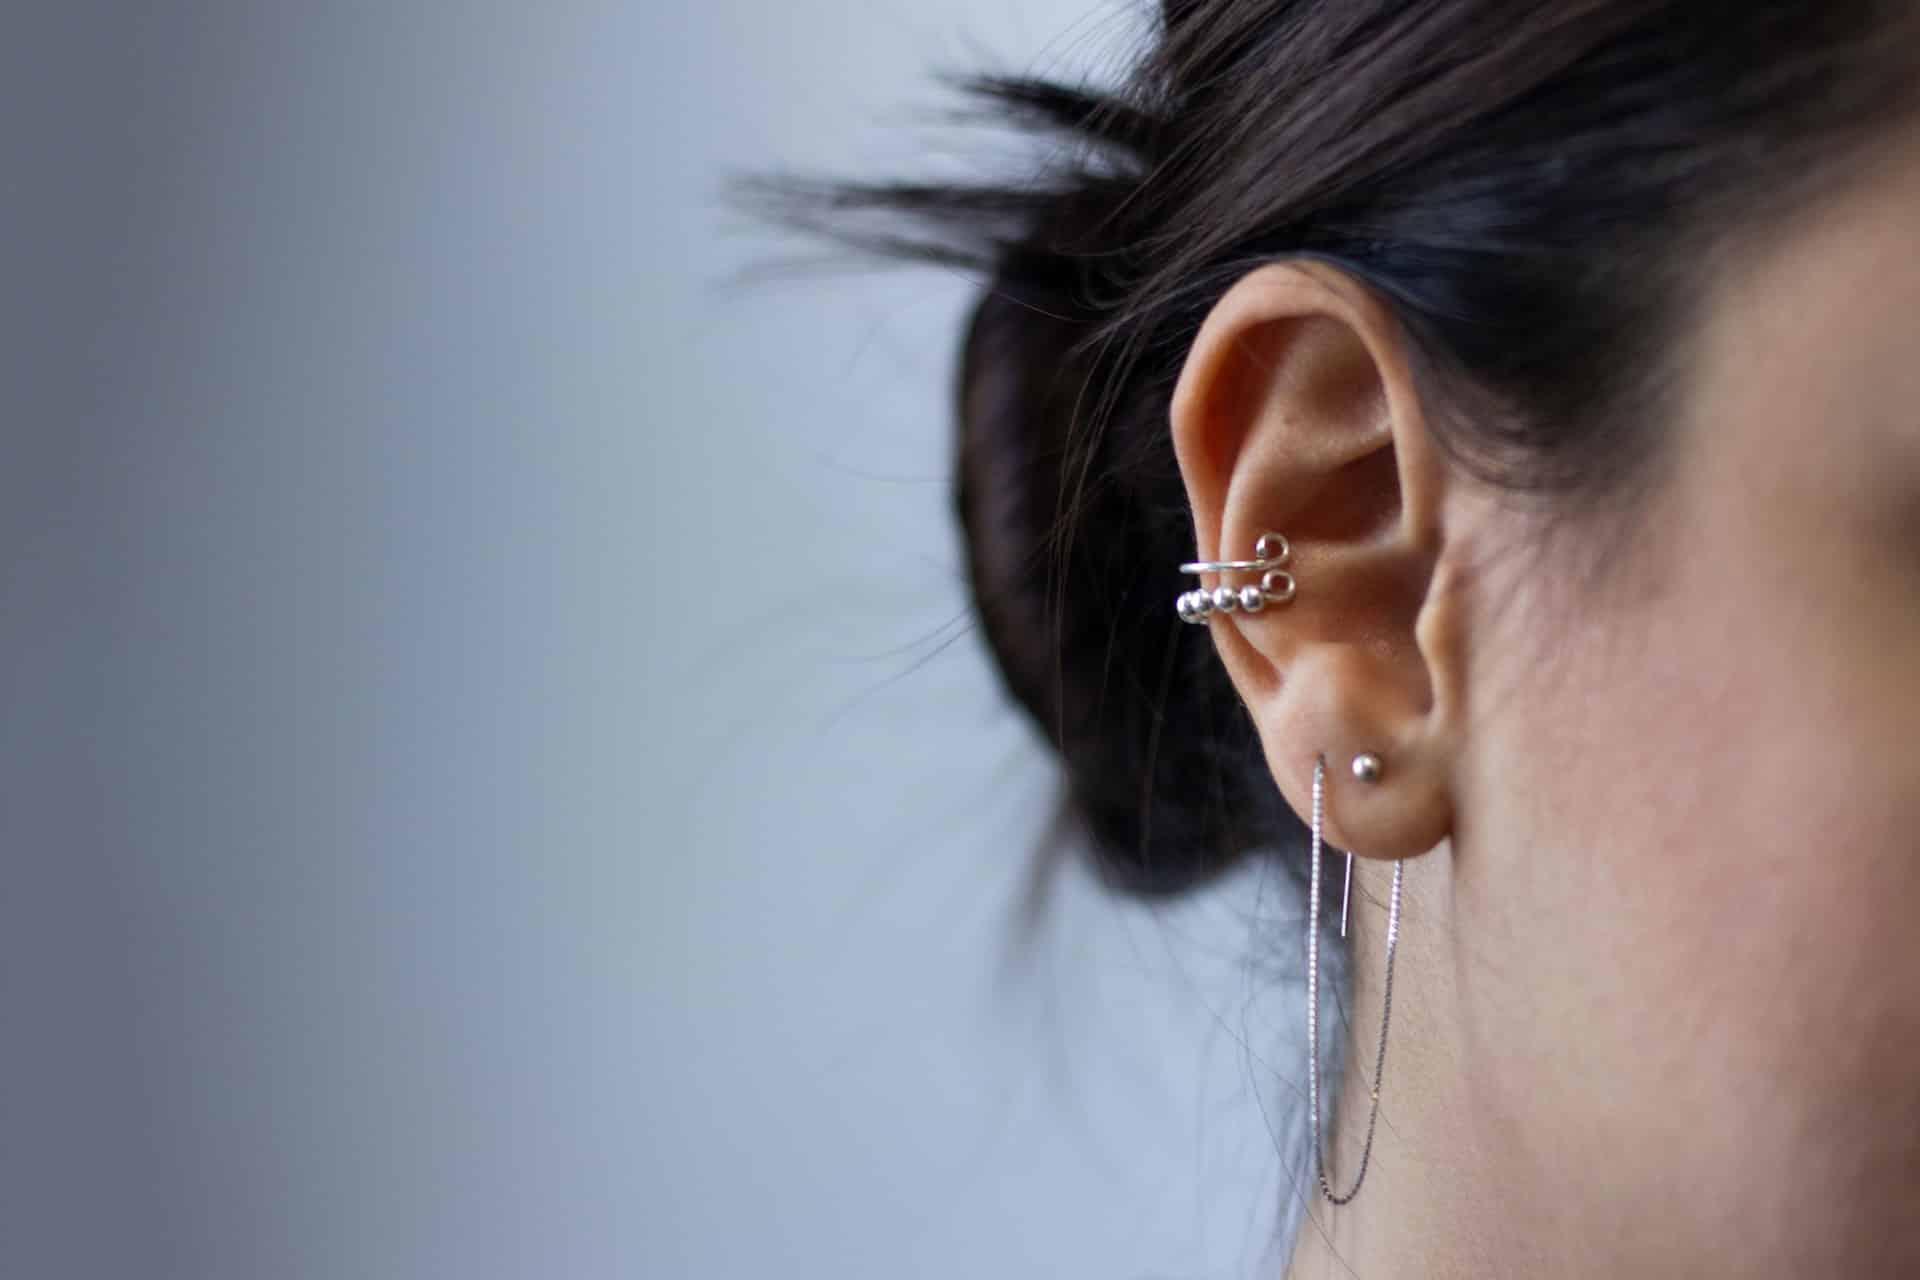 Woman wearing an ear cuff